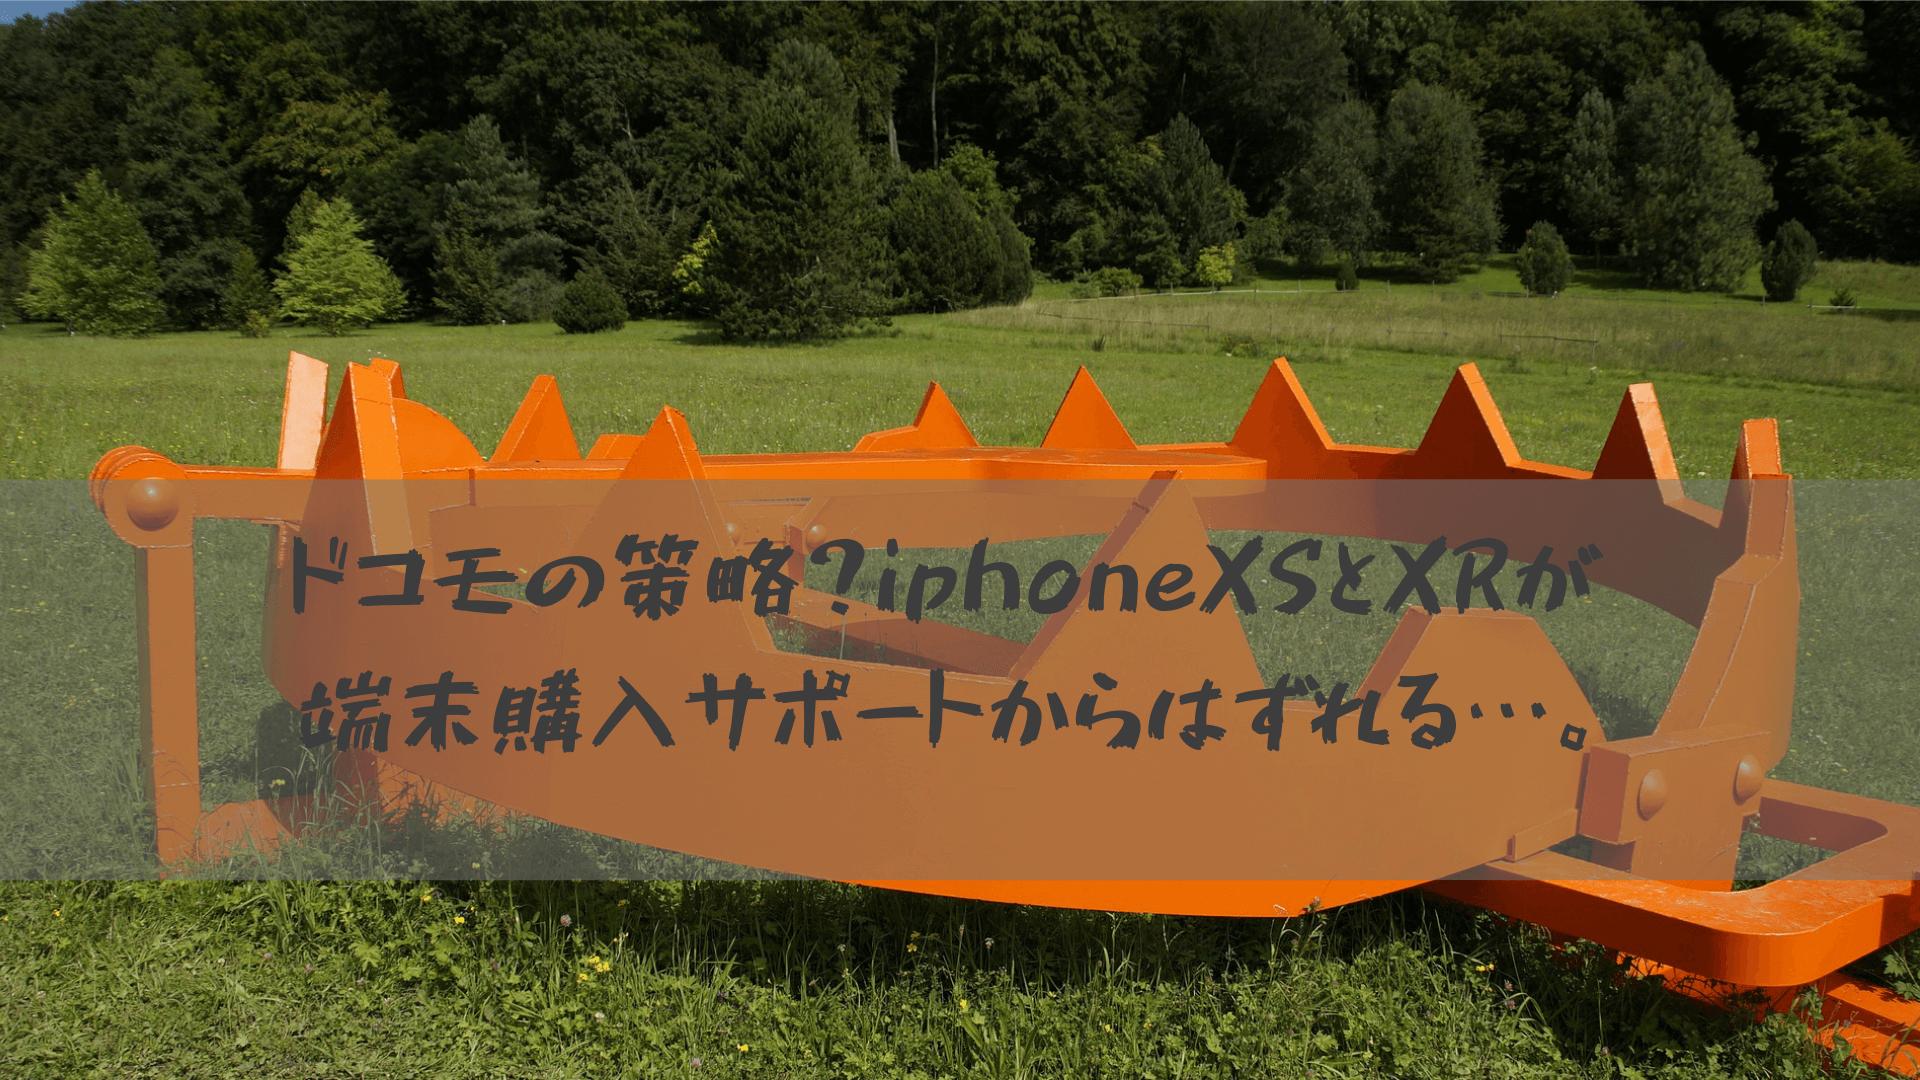 ドコモの策略?iphoneXSとXRが 端末購入サポートからはずれる…。